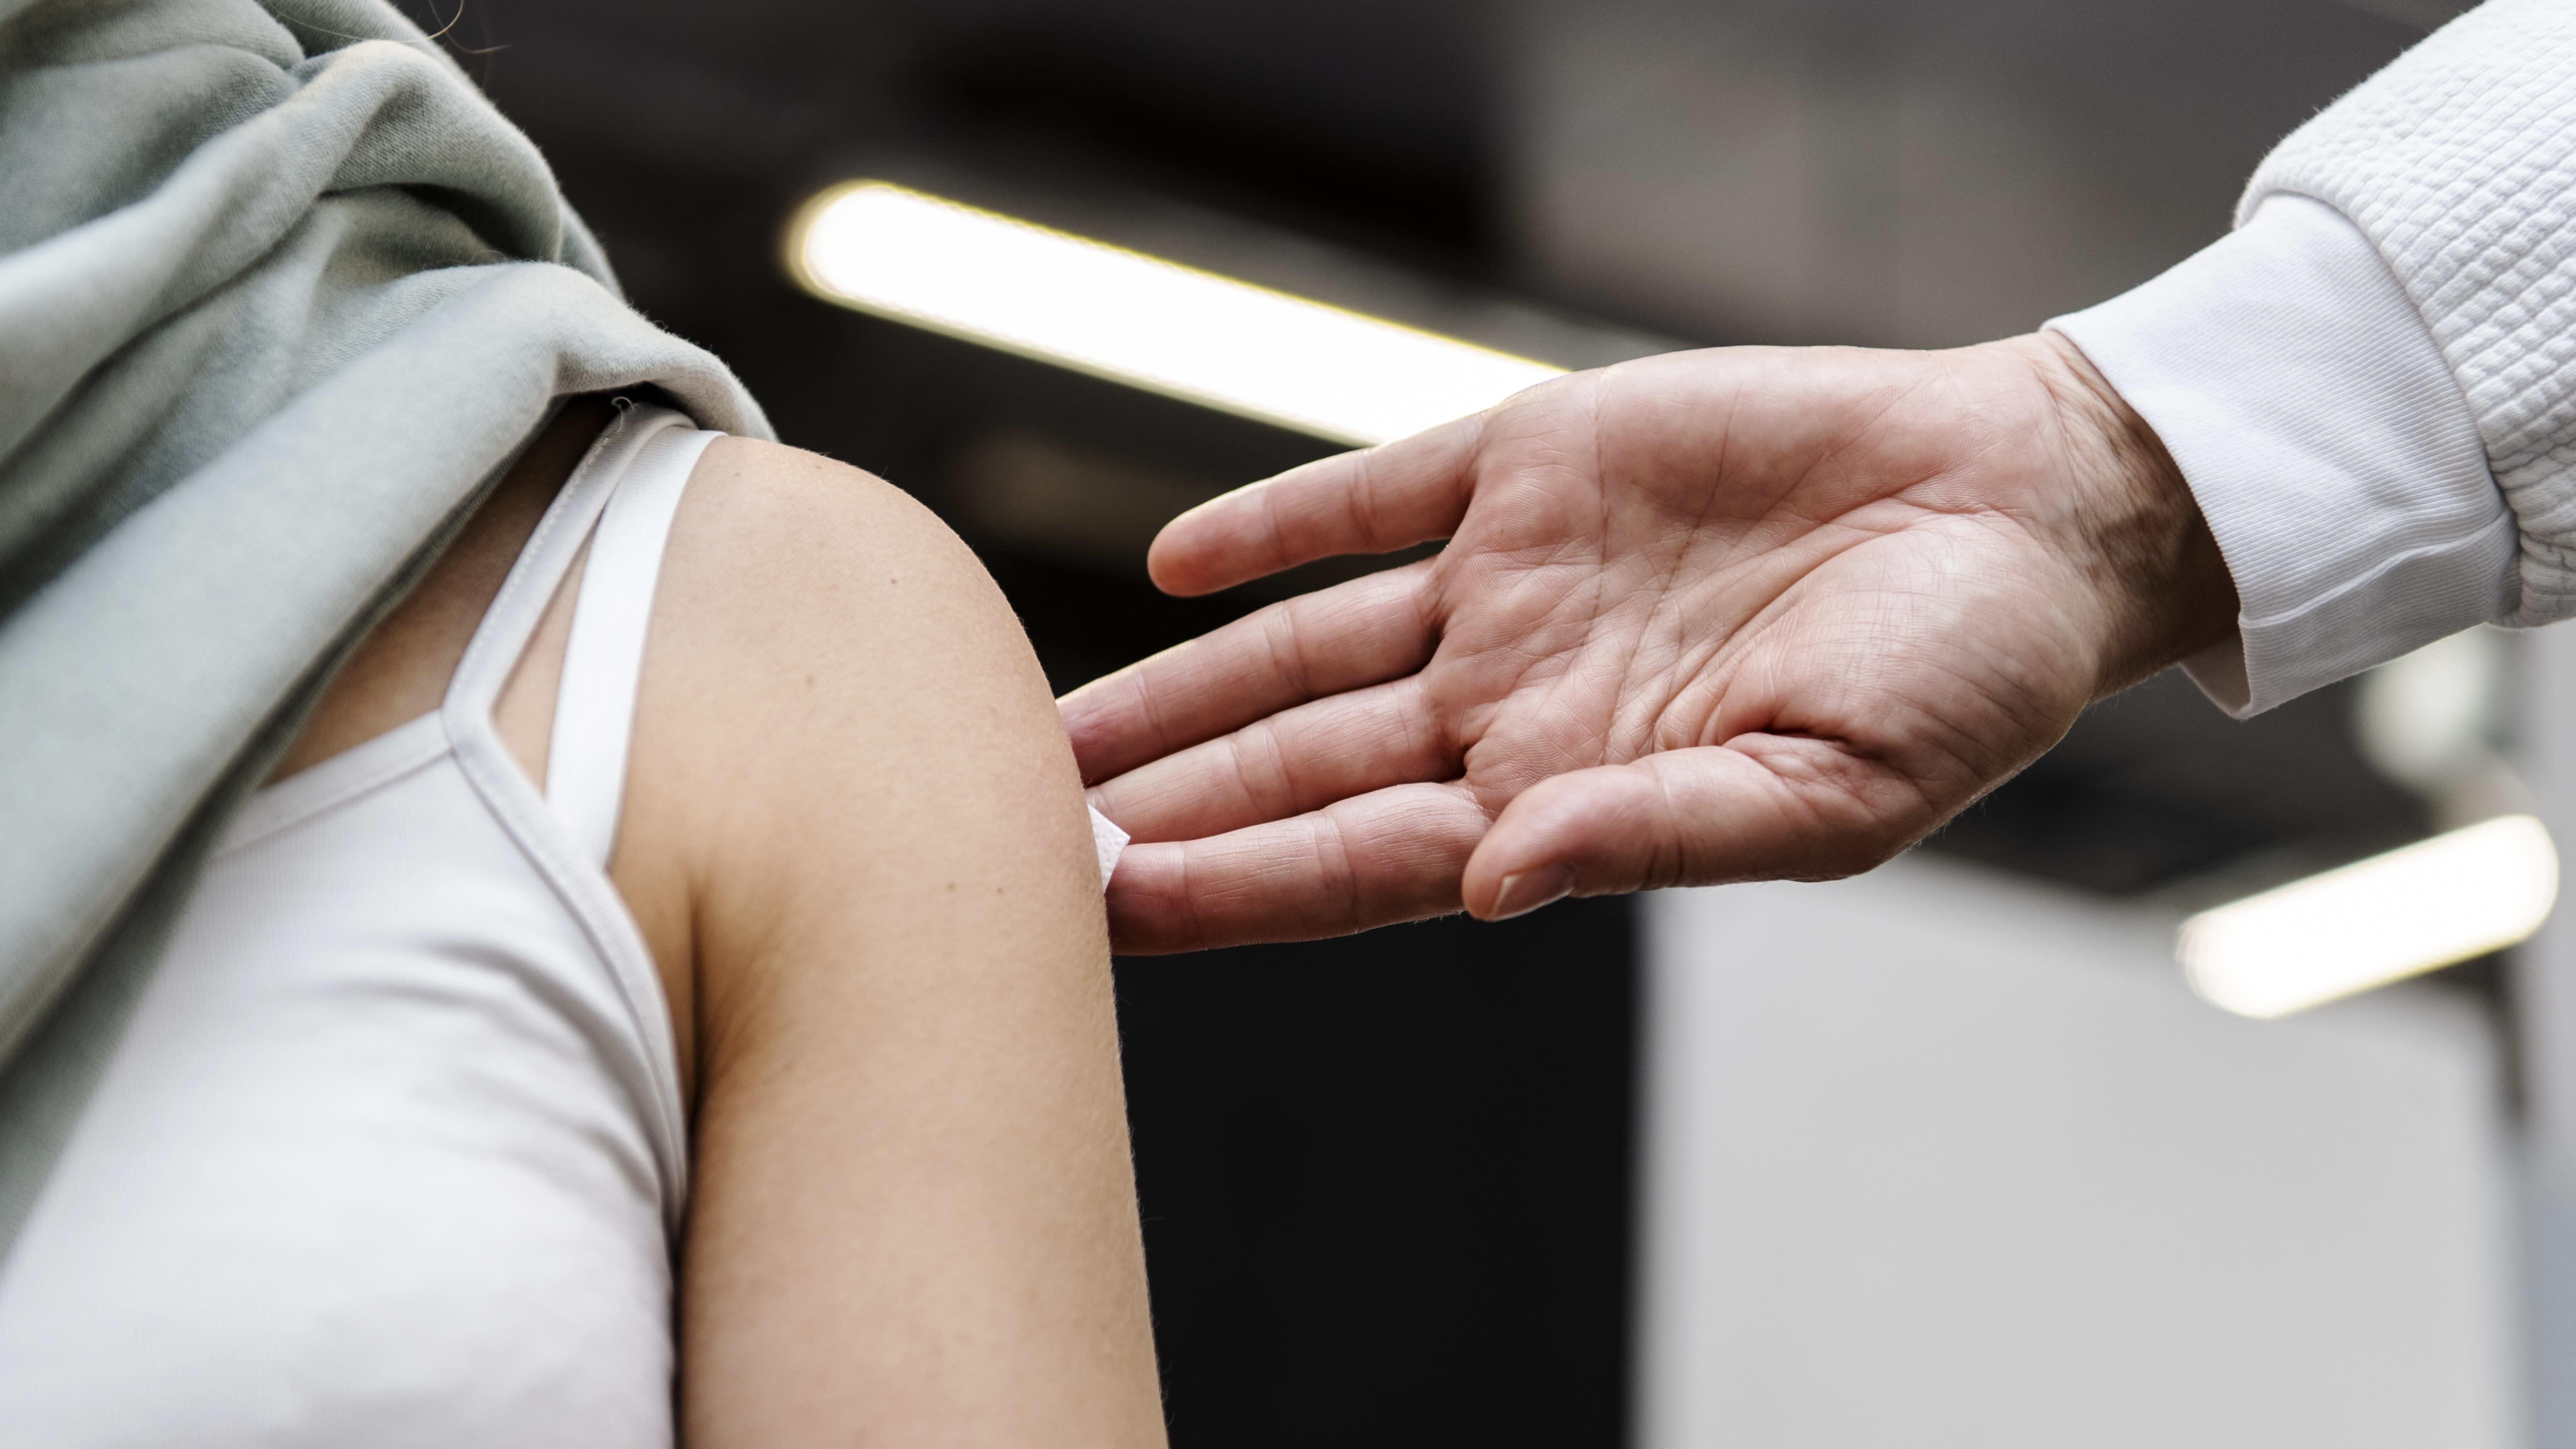 Sairaanhoitaja antoi naiselle koronavirusrokotteen.